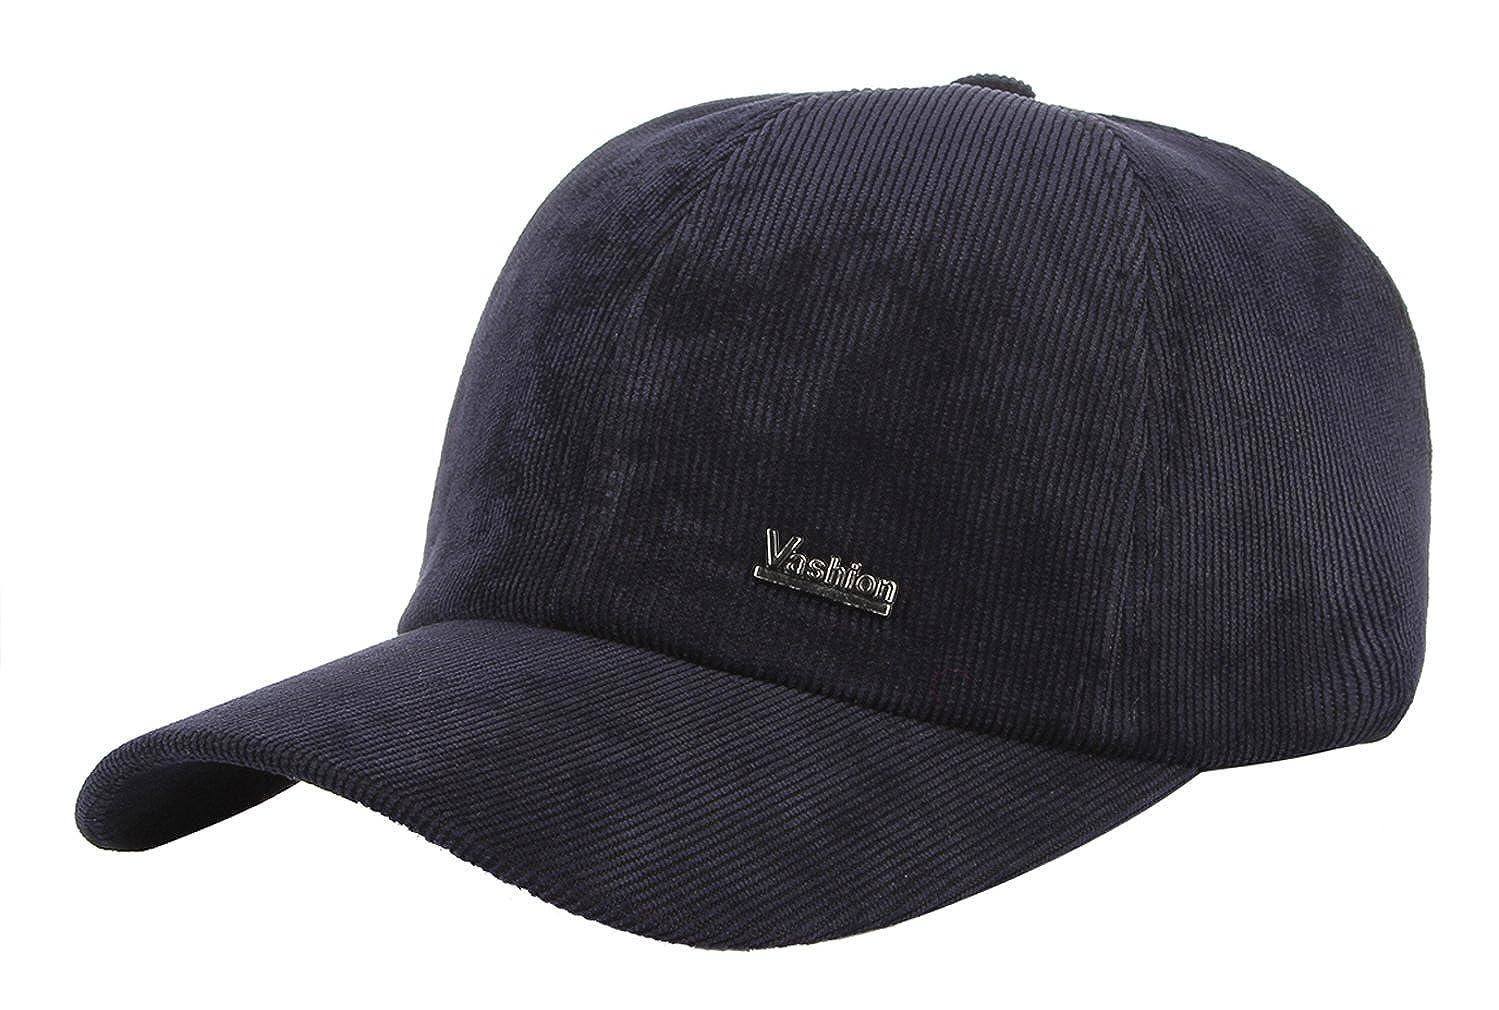 La Vogue-Cappello Vellutto Uomo Visiera Paraorecchie Berretto Baseball Sportivo Outdoor Regolabile